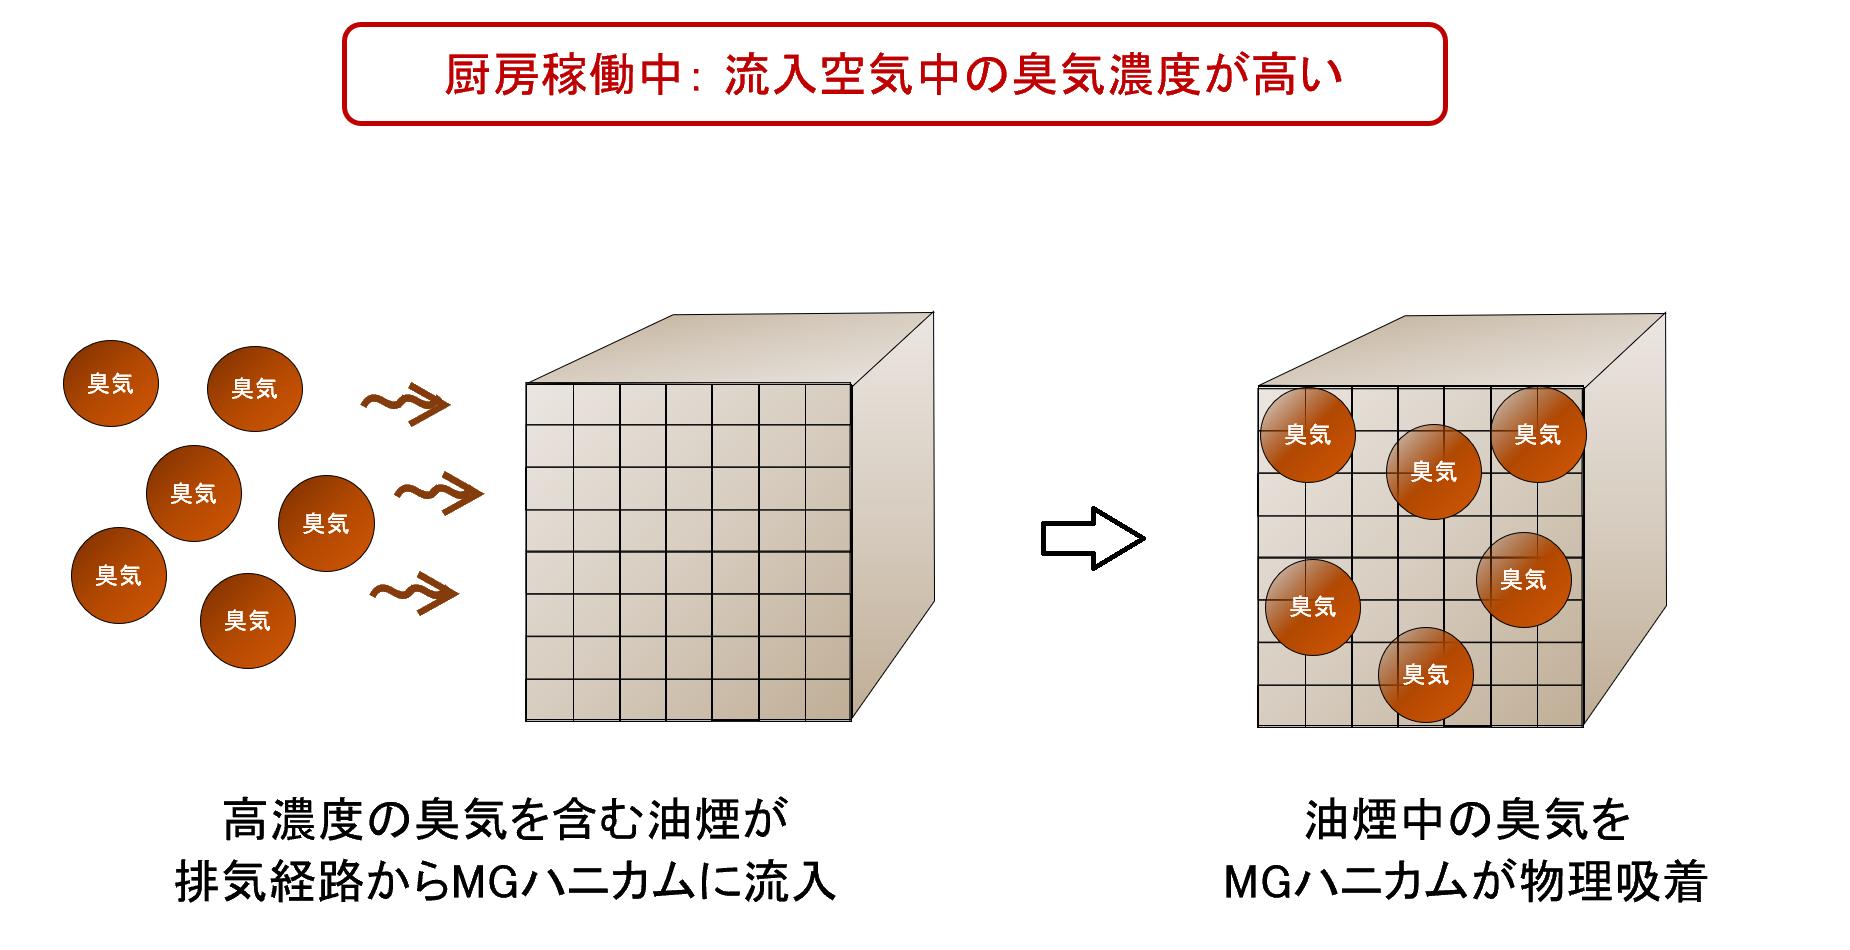 油煙吸着・脱臭材、MGハニカムの動作原理イメージ(1)